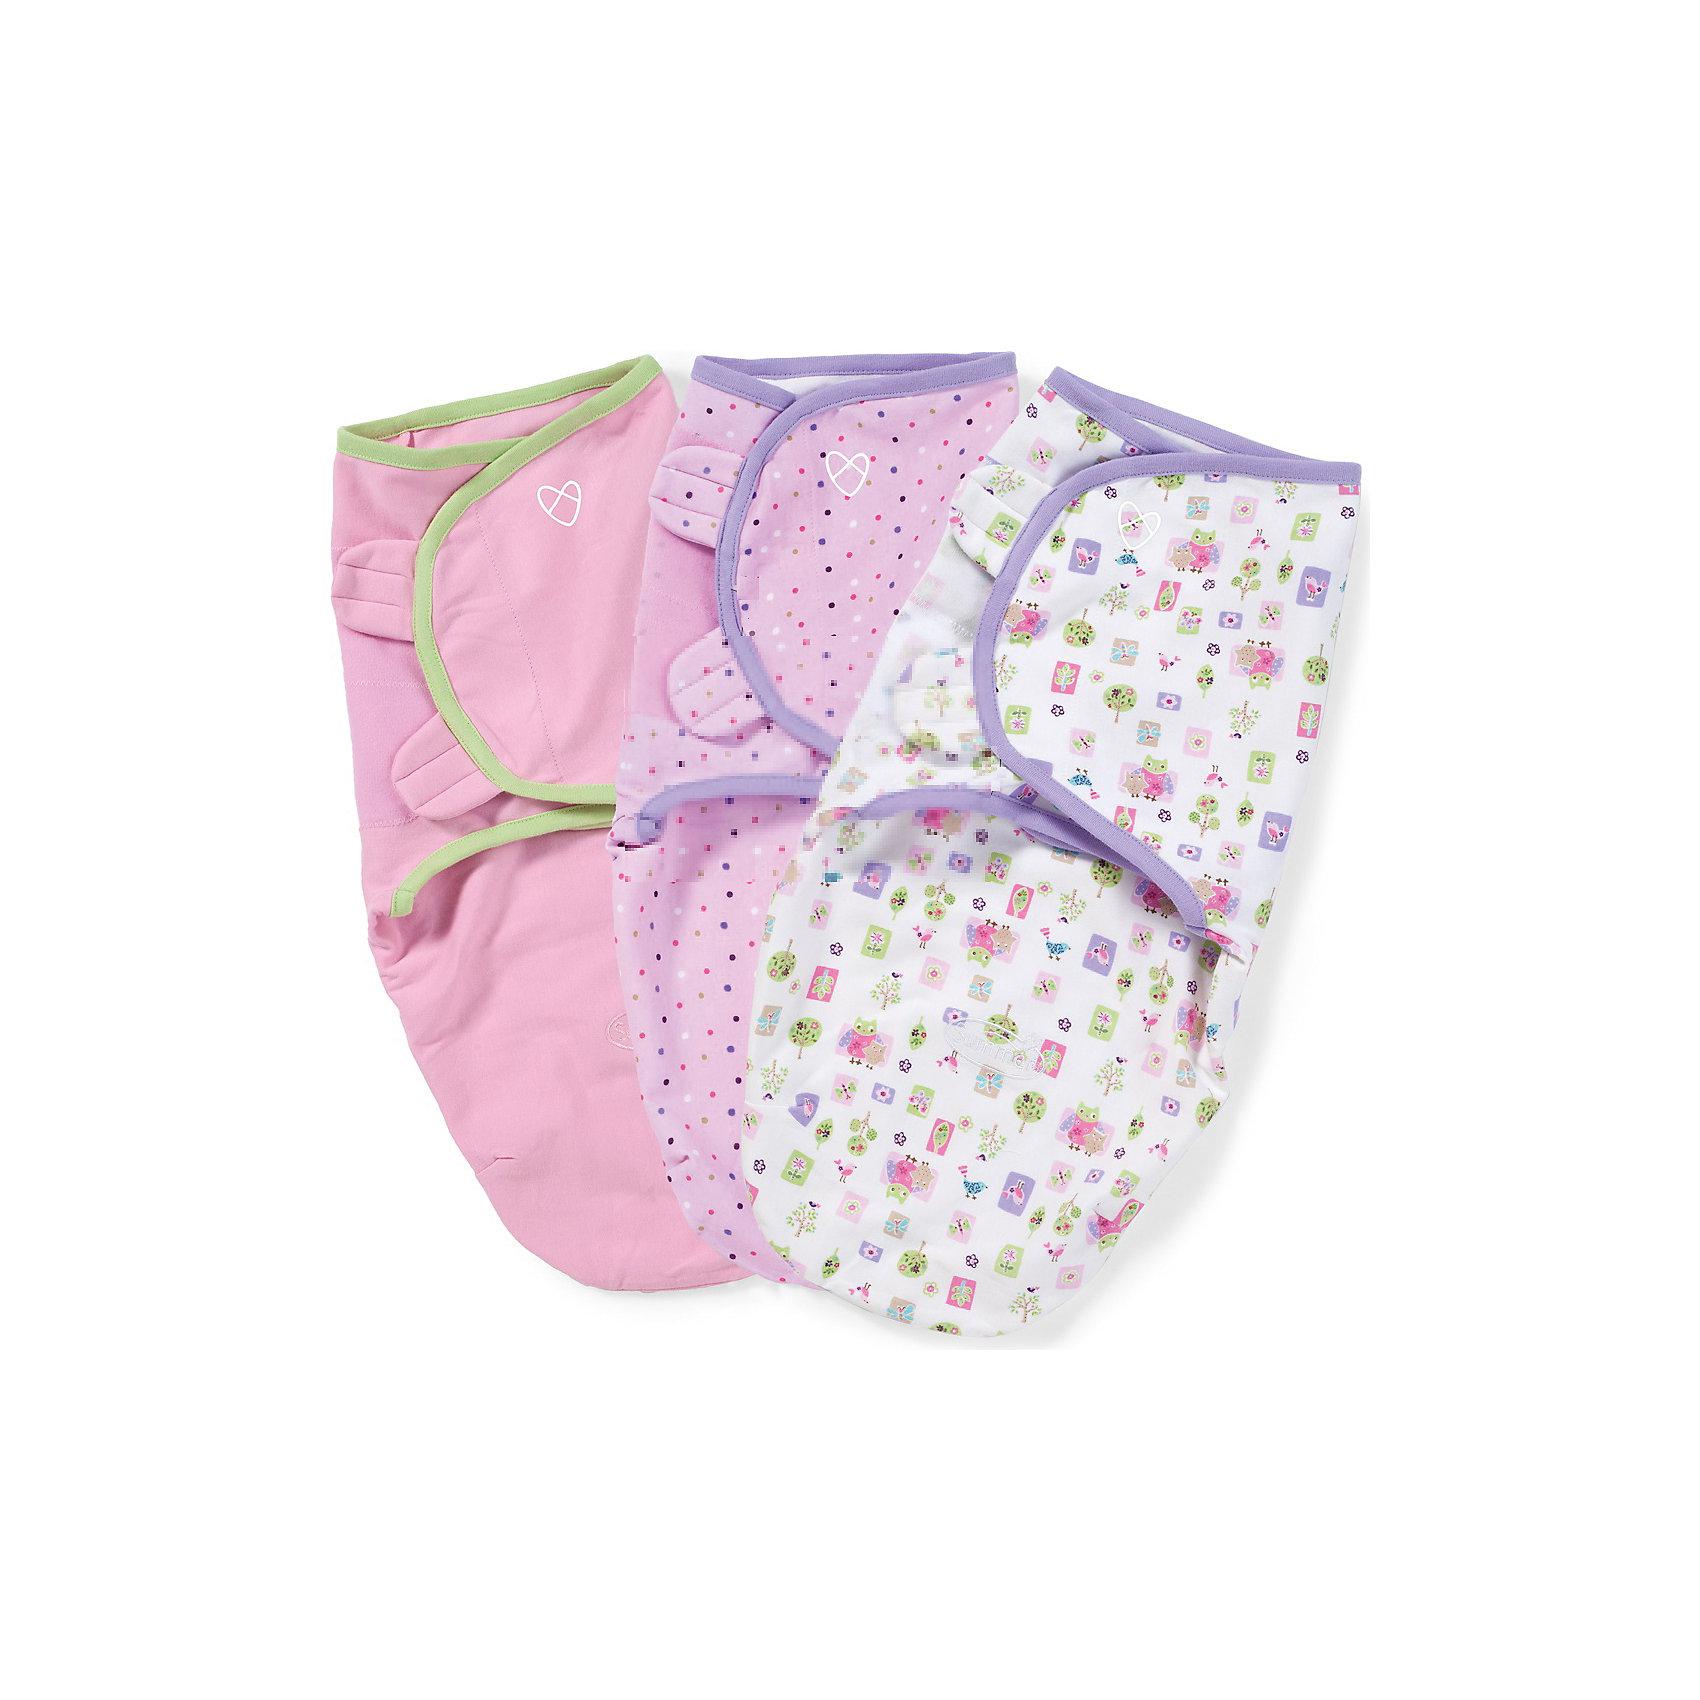 Summer Infant Конверт на липучке SwaddleMe, размер S/M, (3шт), Summer Infant, розовый с совами цена и фото